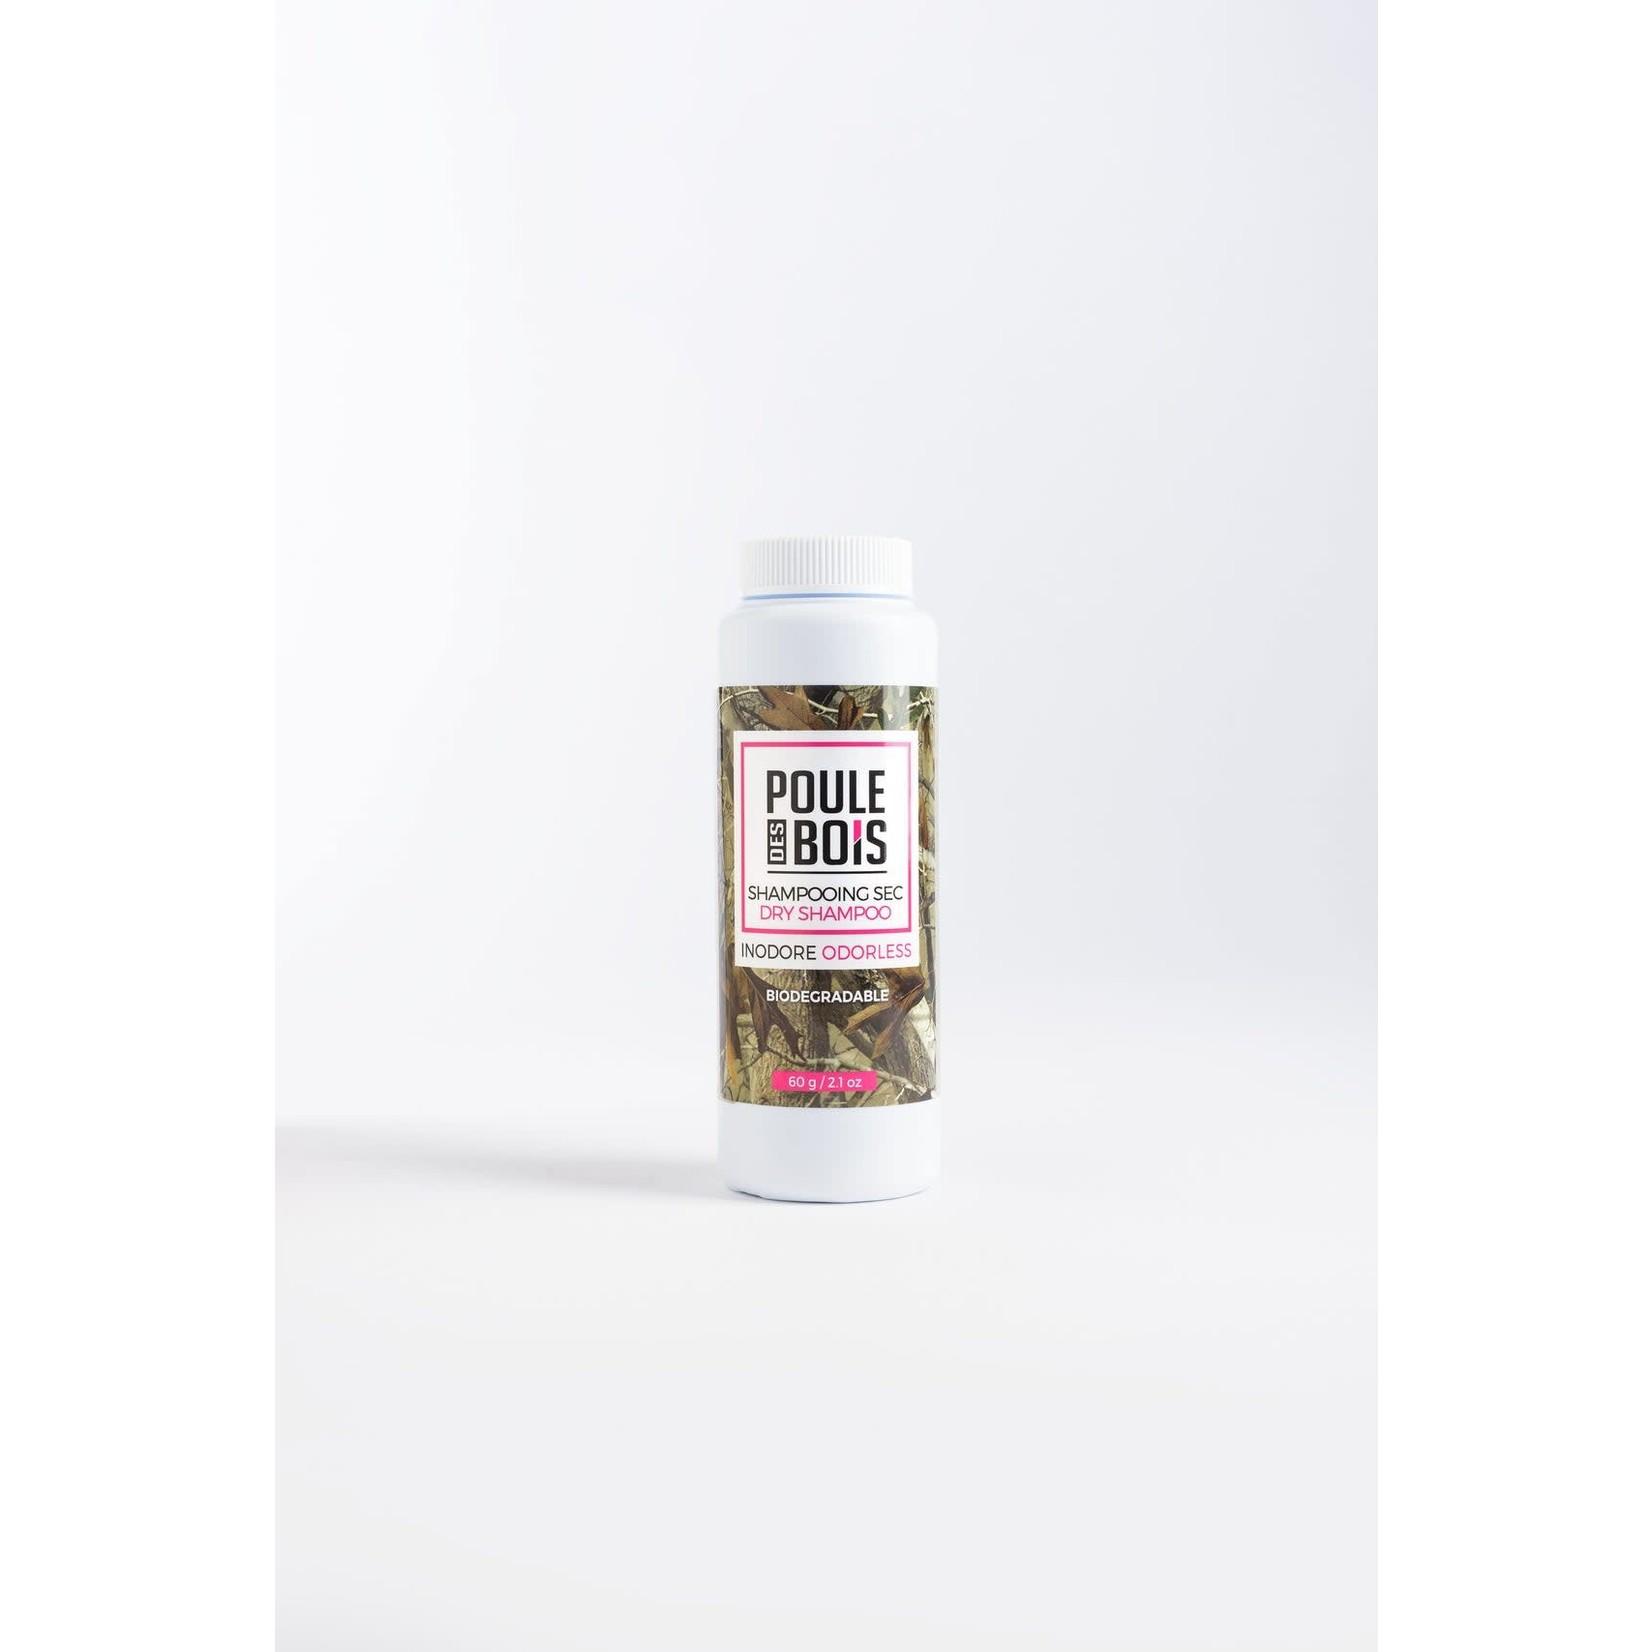 Poules des Bois dry shampoo 60g